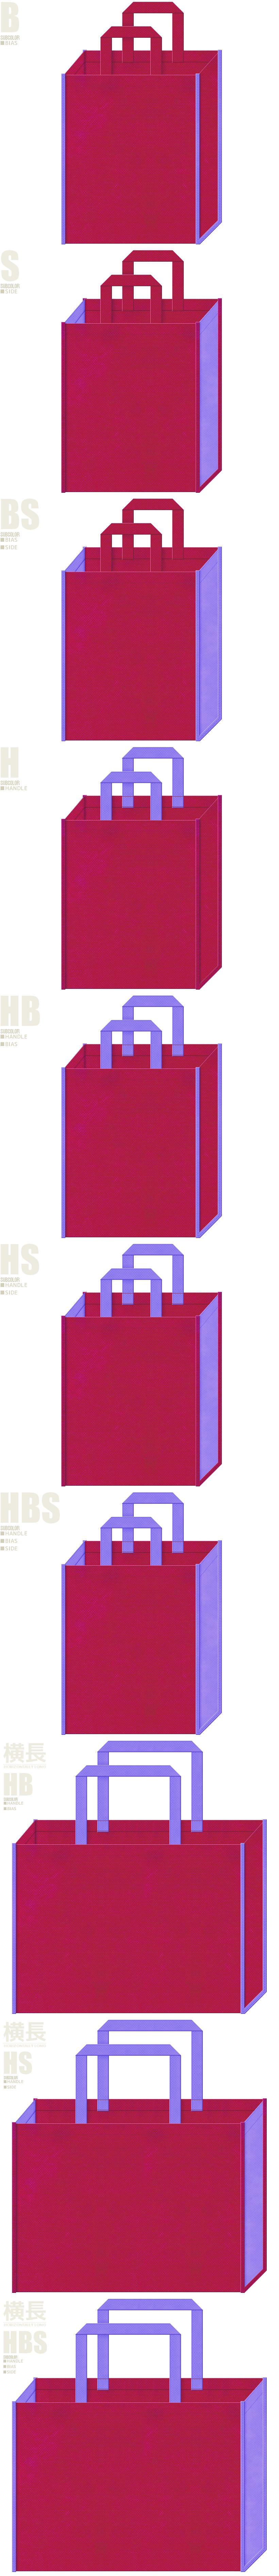 濃いピンク色と薄紫色、7パターンの不織布トートバッグ配色デザイン例。浴衣風。